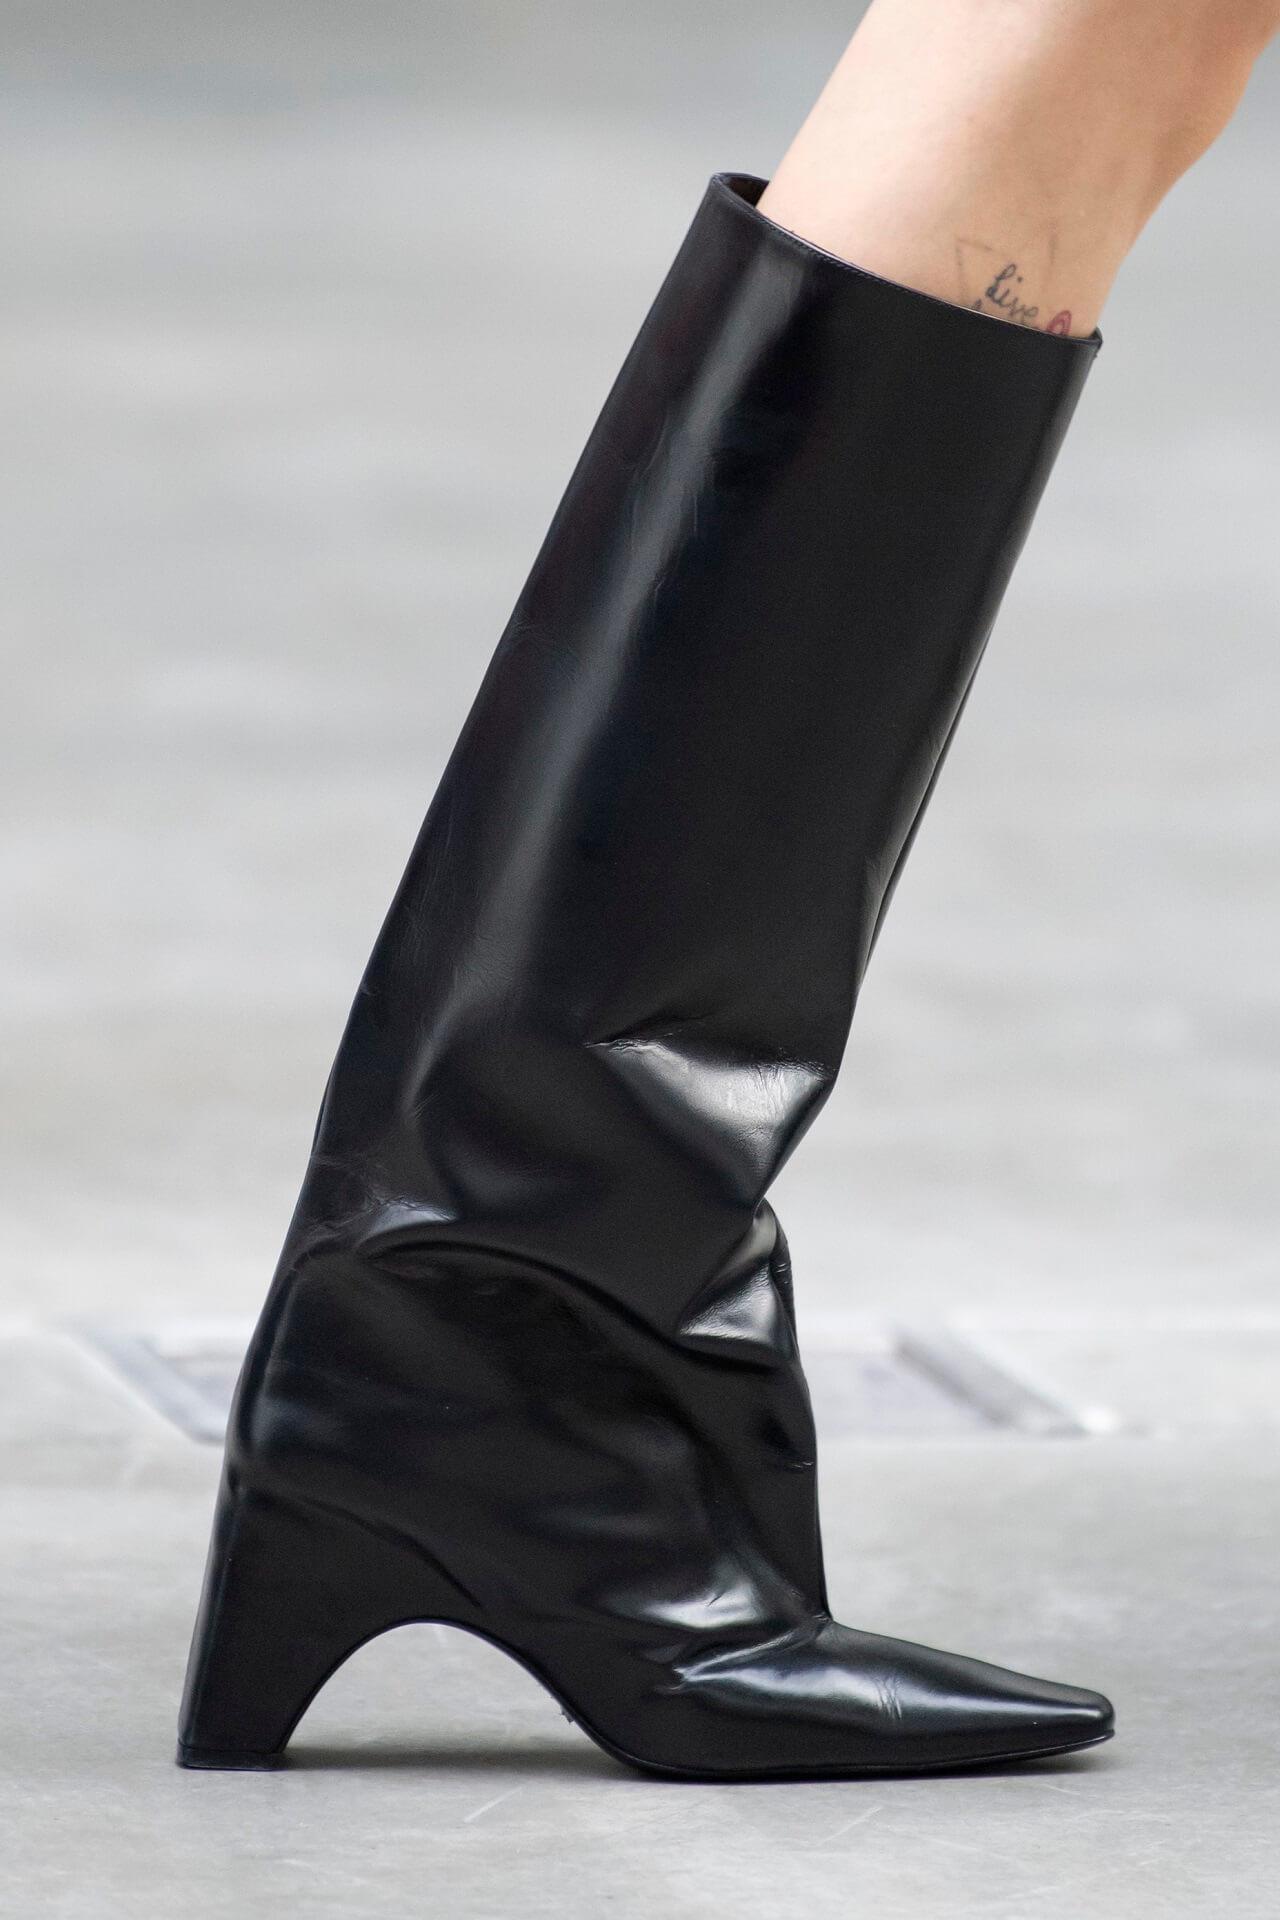 Королевский гамбит: 16 модных пар сапог на осень-зиму 2020/21-Фото 9